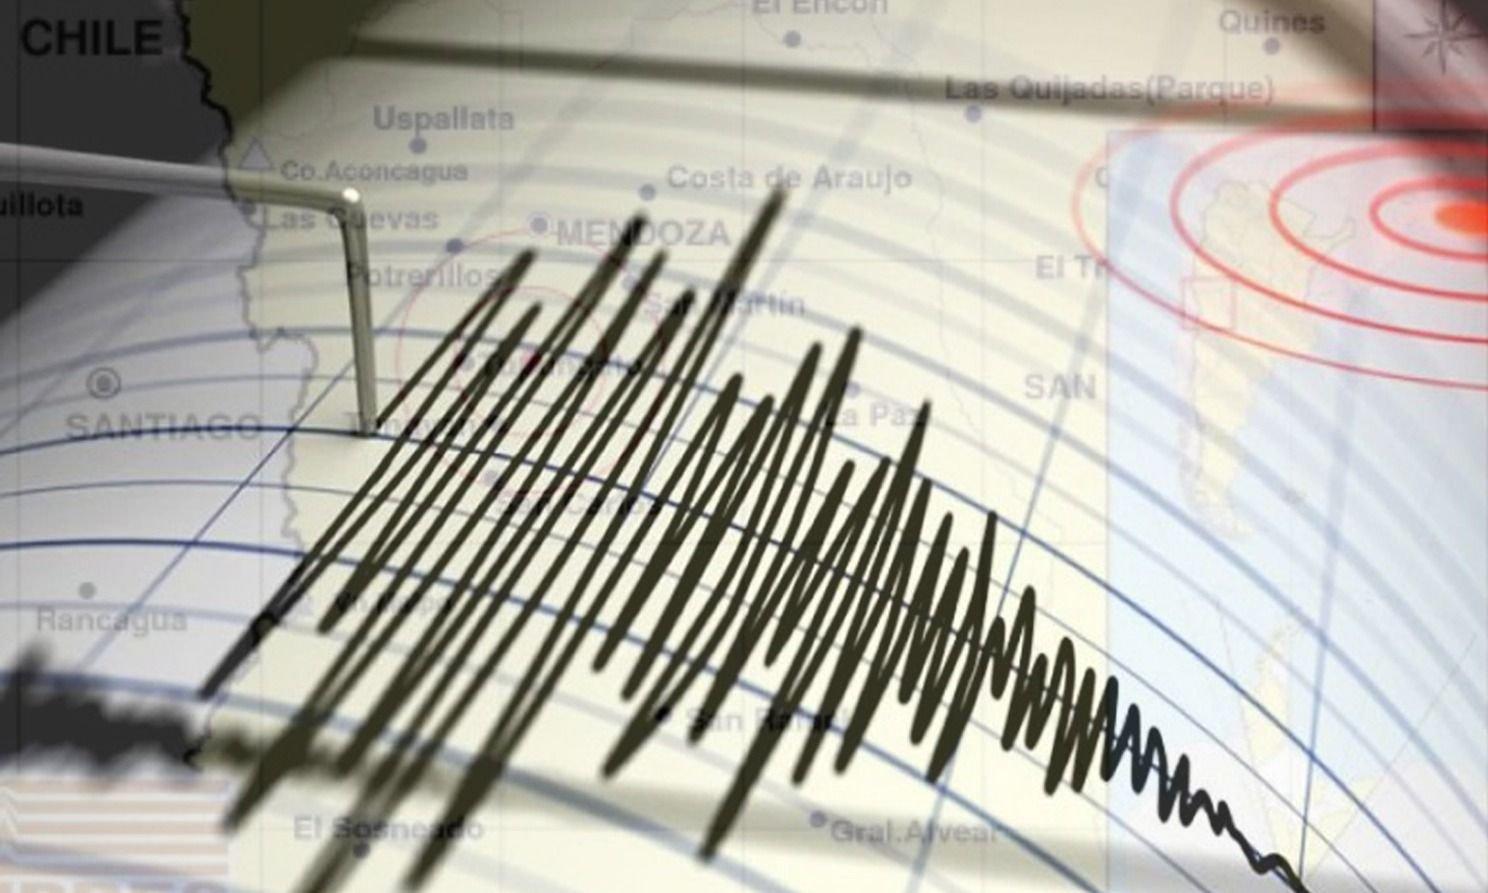 Un fuerte temblor sacudió la noche mendocina